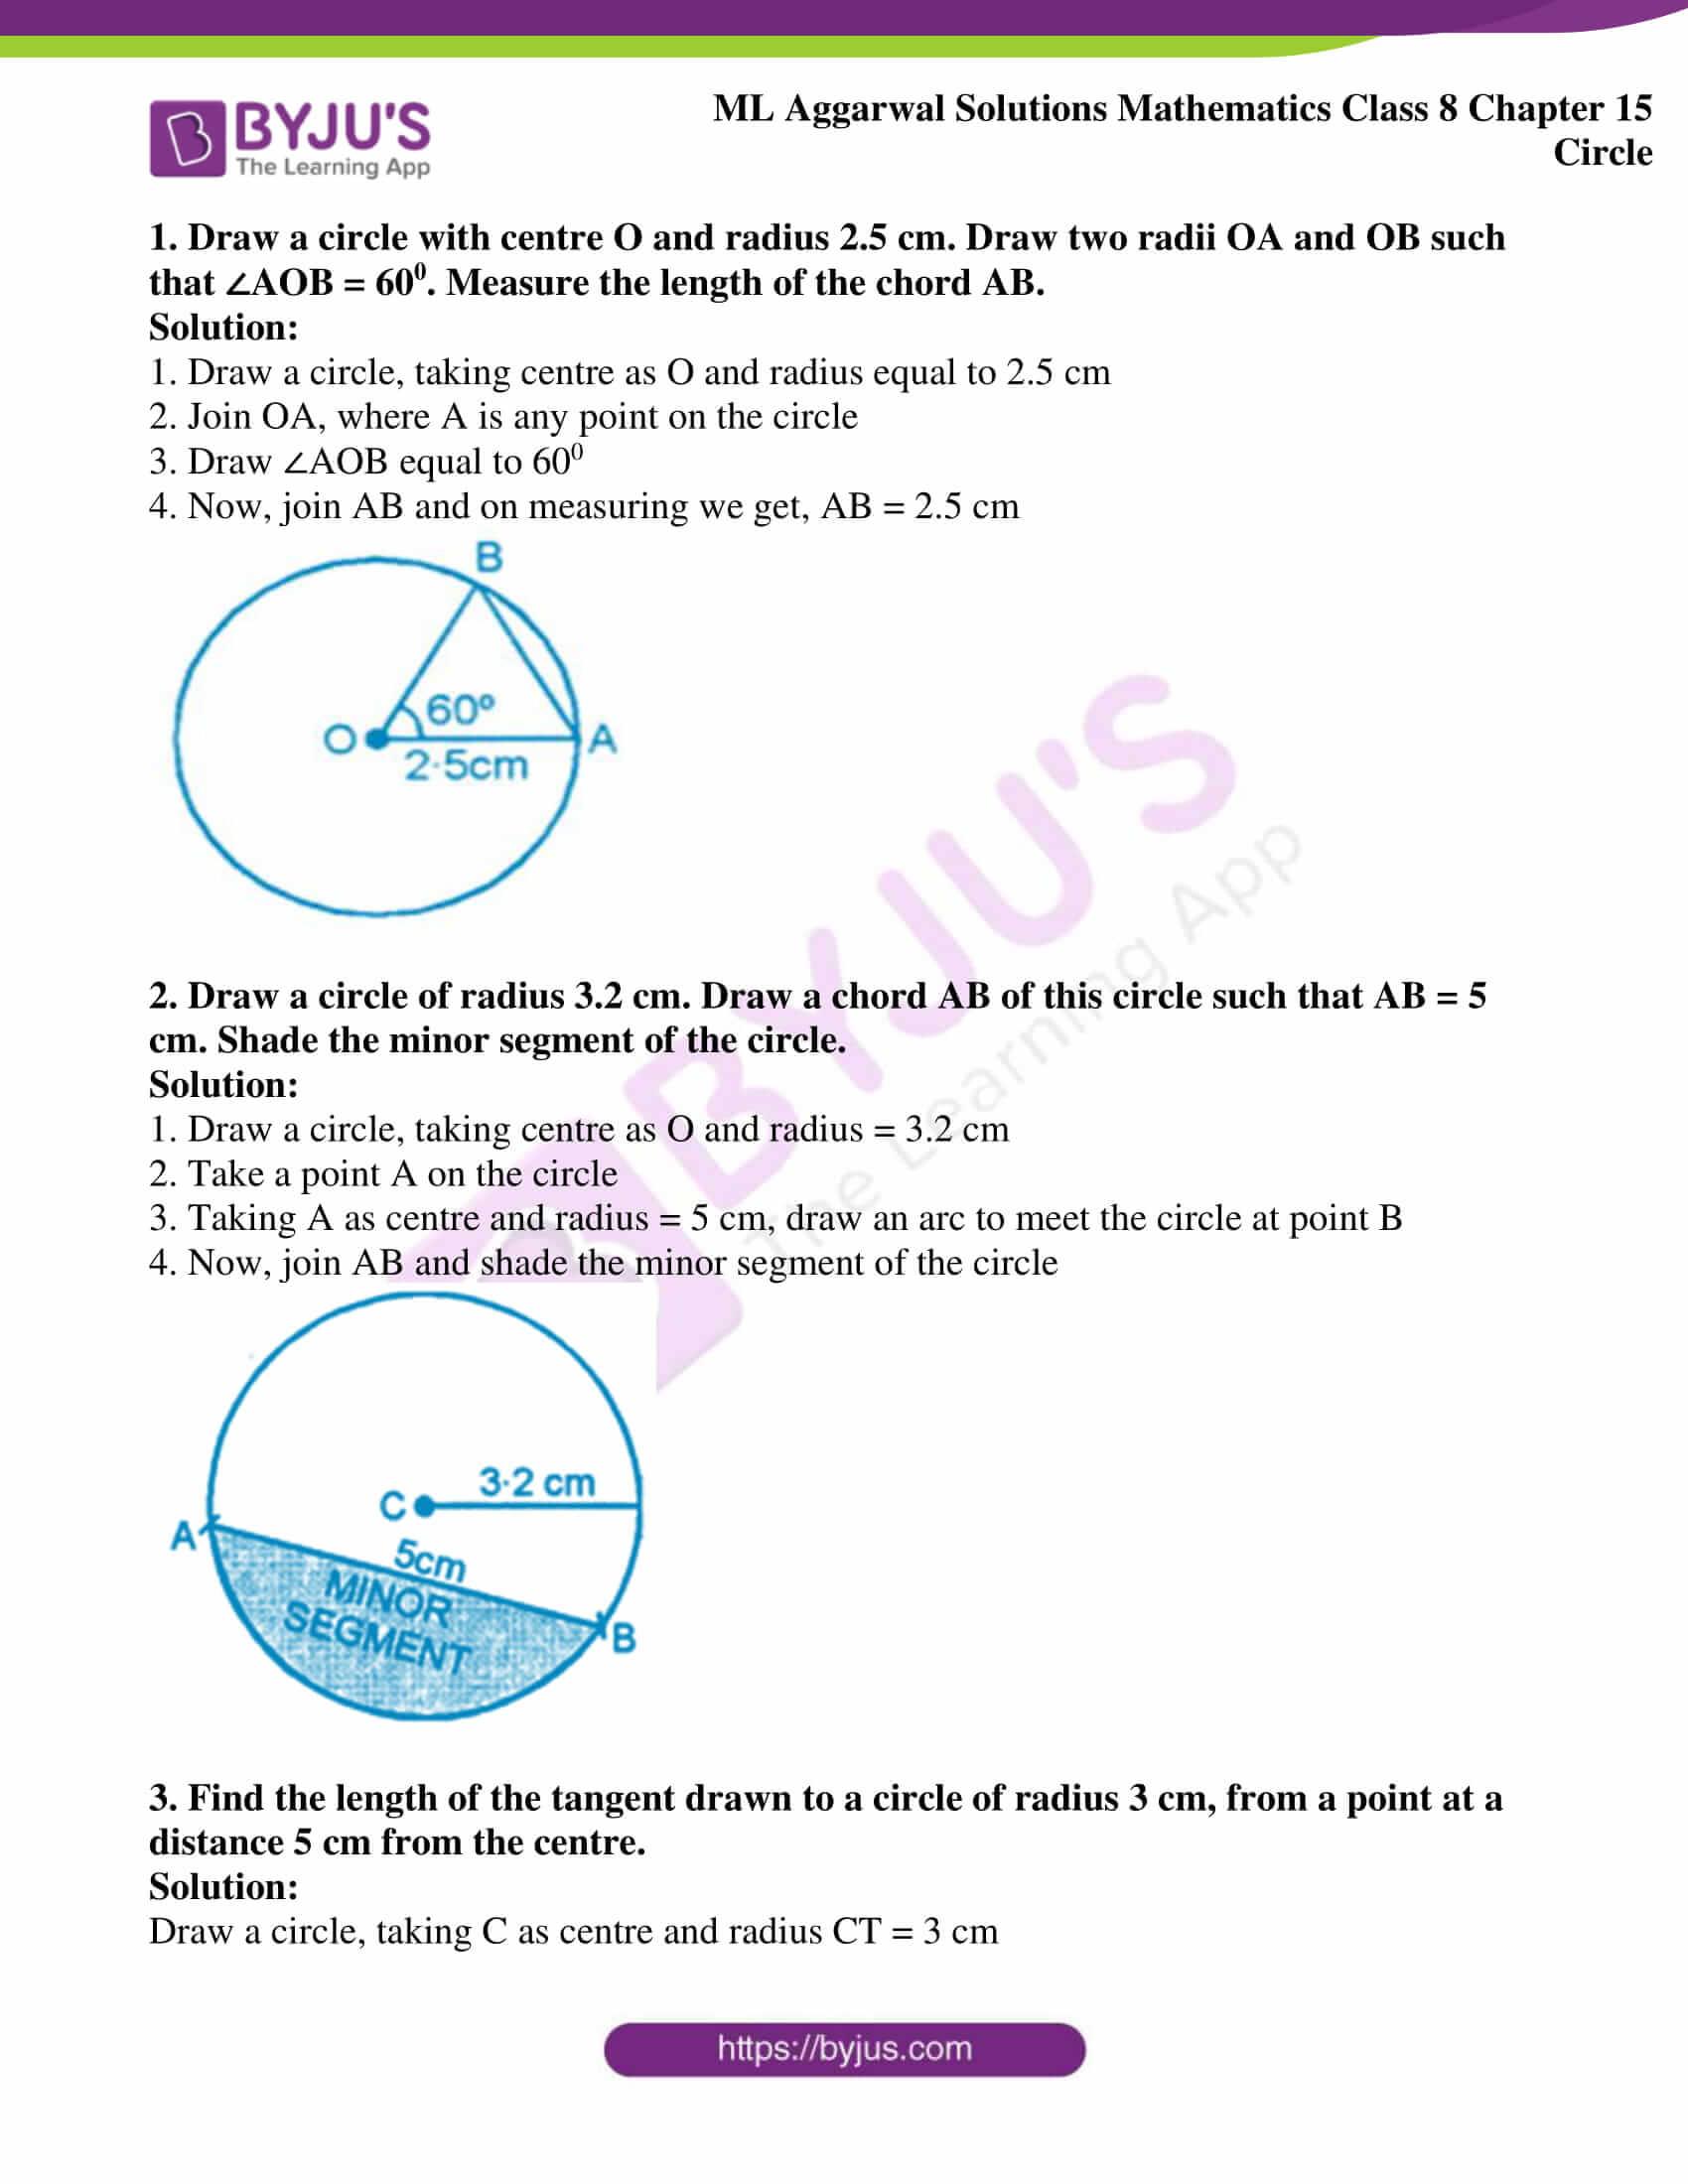 ml aggarwal sol mathematics class 8 ch 15 01